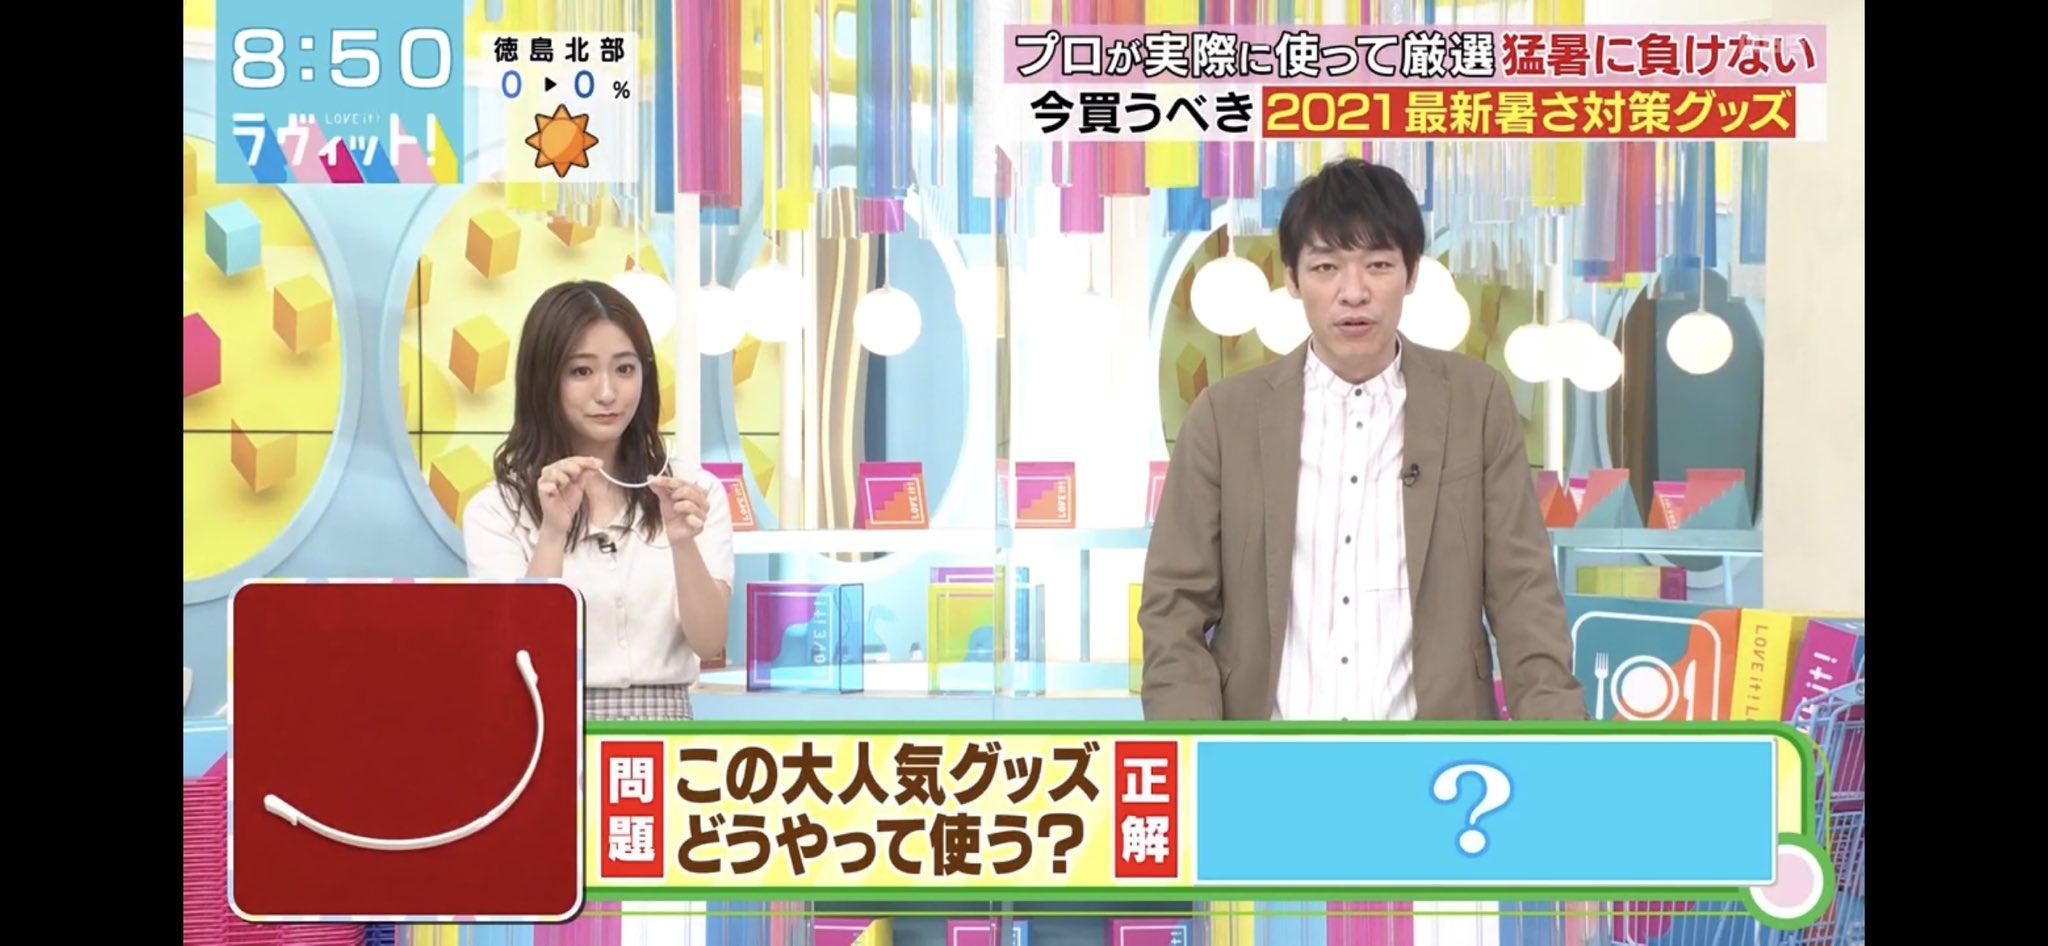 TBSテレビのラヴィット!で暑さ対策グッズとしてクイズ形式で取り上げられました。